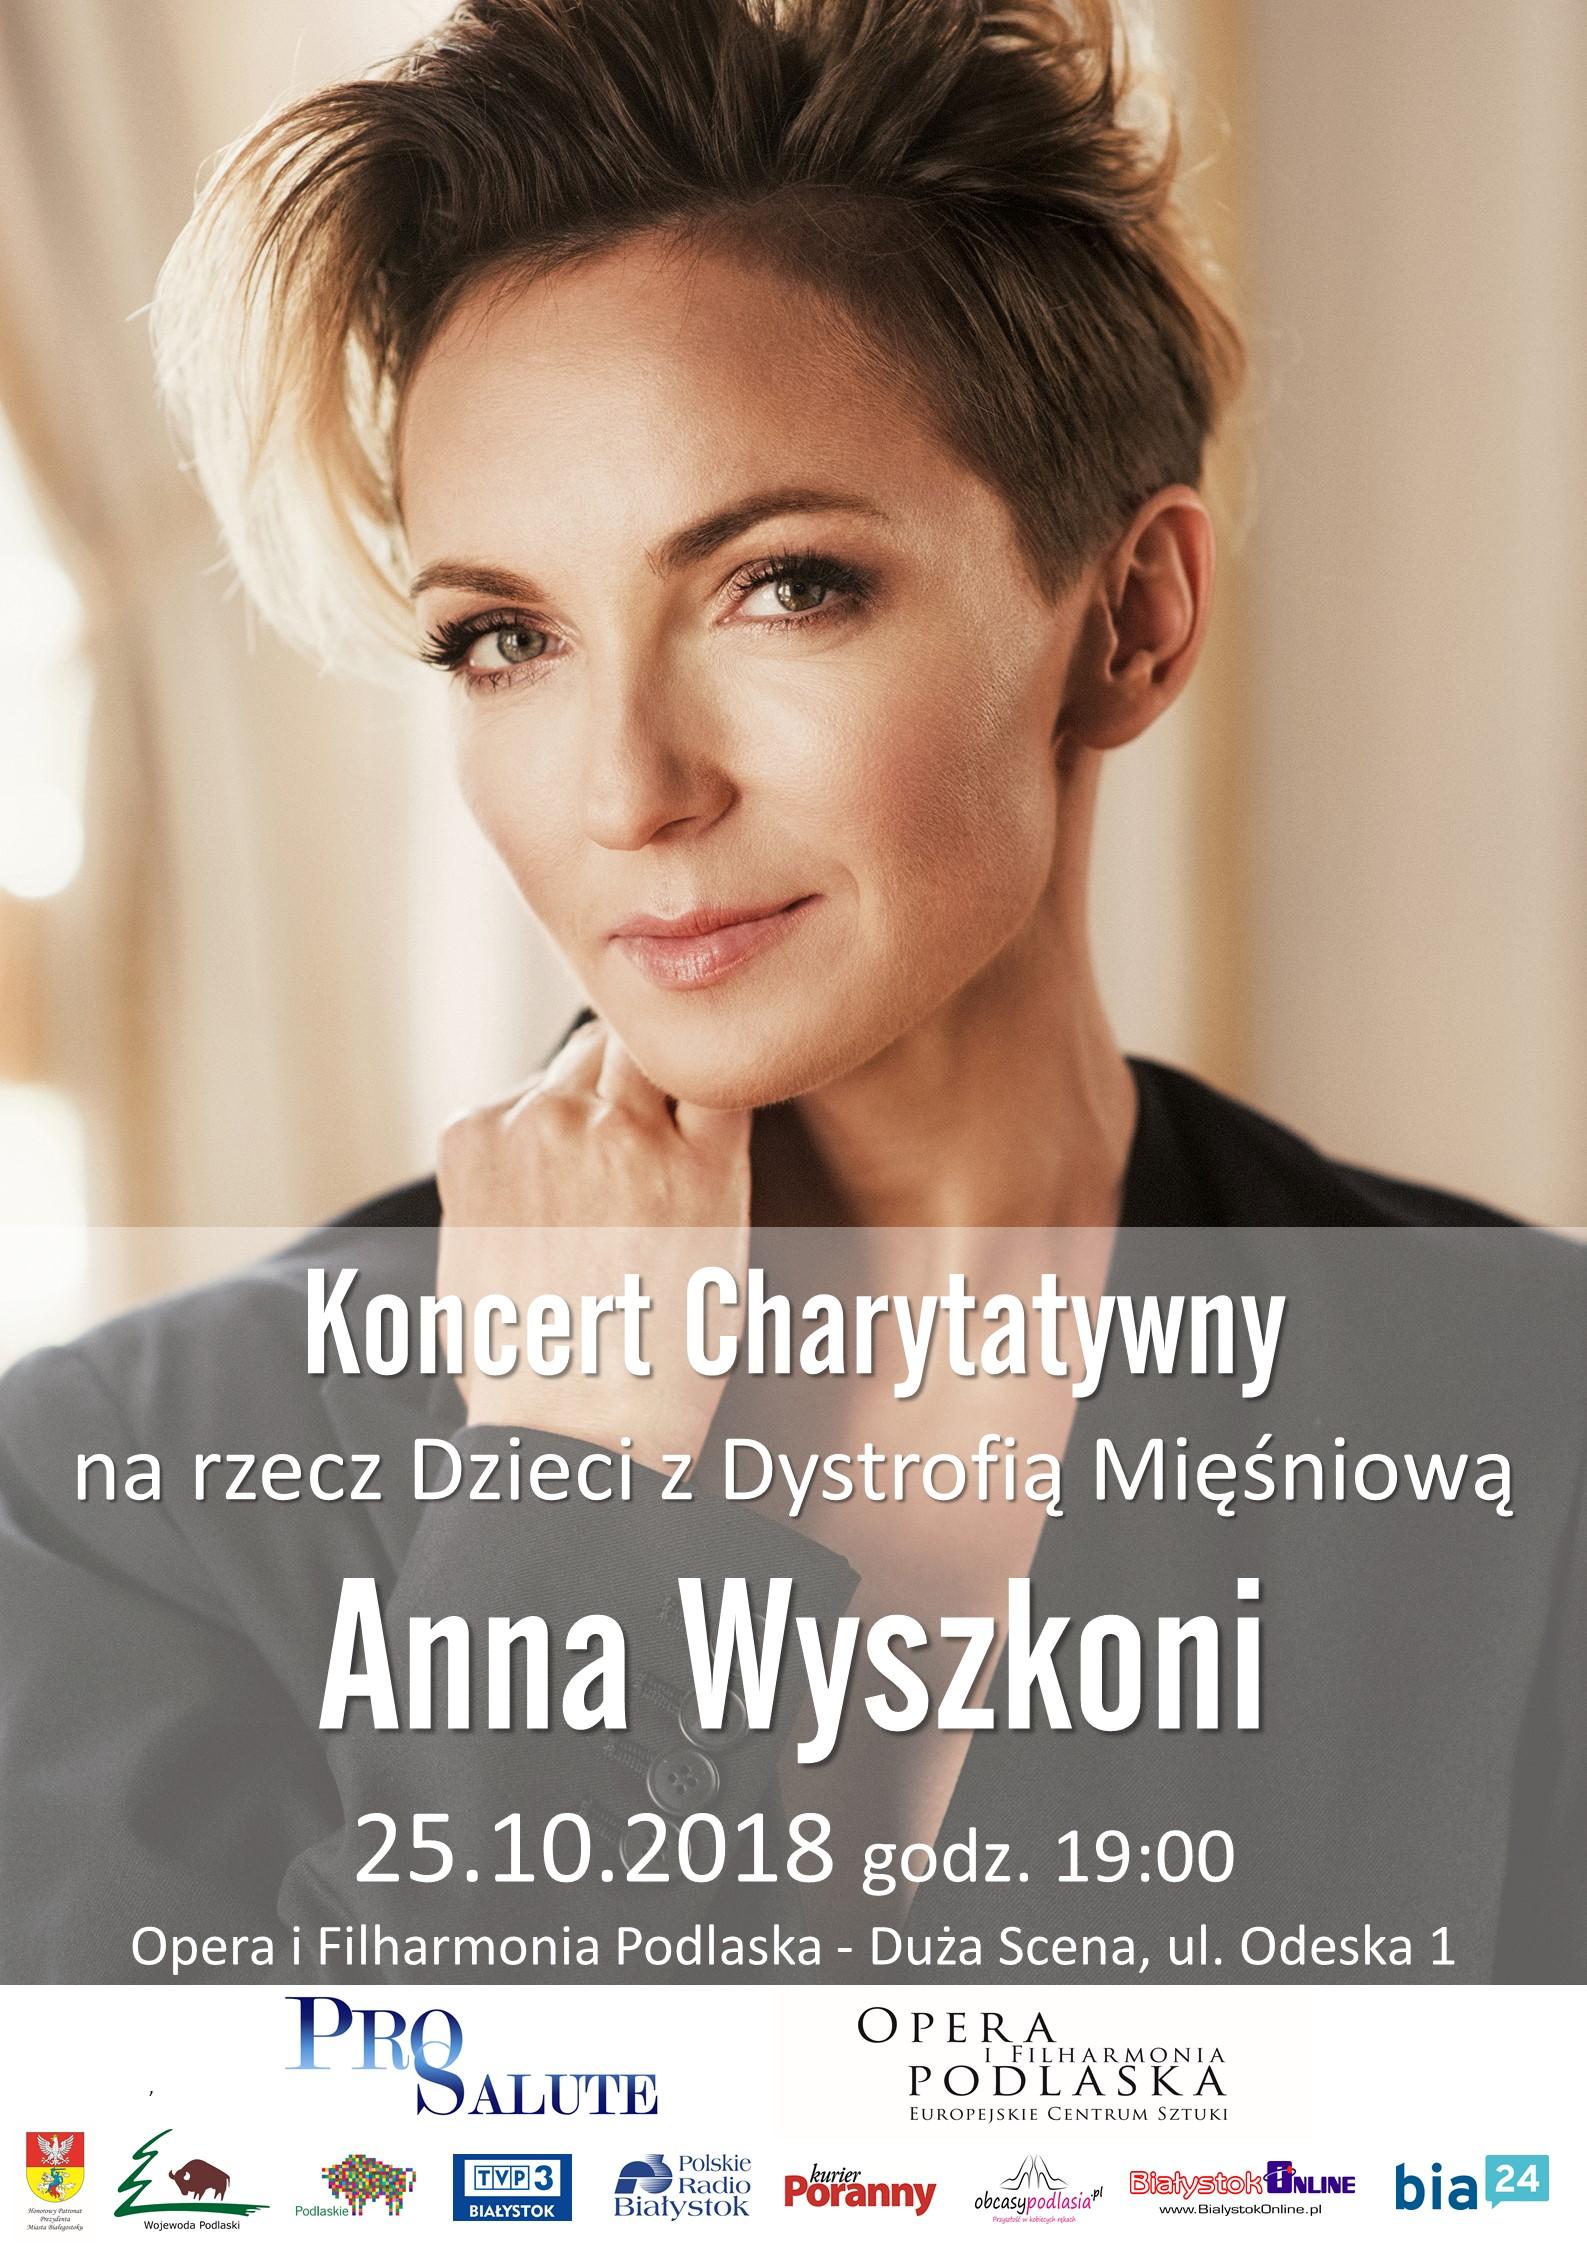 Zbliża się koncert Anny Wyszkoni - zorganizowany przez Stowarzyszenie Pro Salute